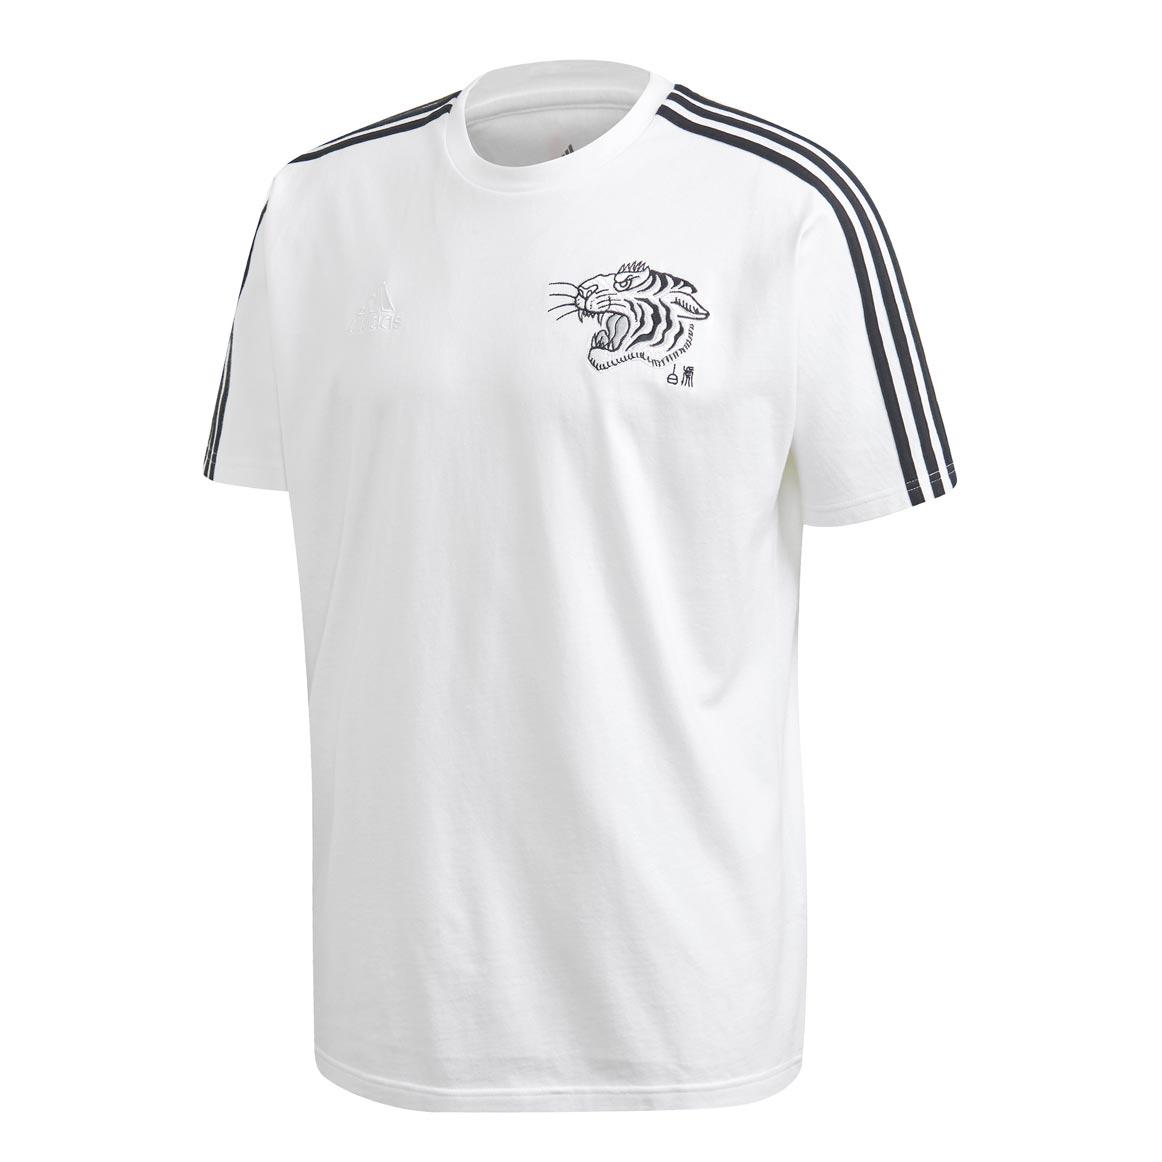 Juventus Año Nuevo Chino Camiseta - Blanco